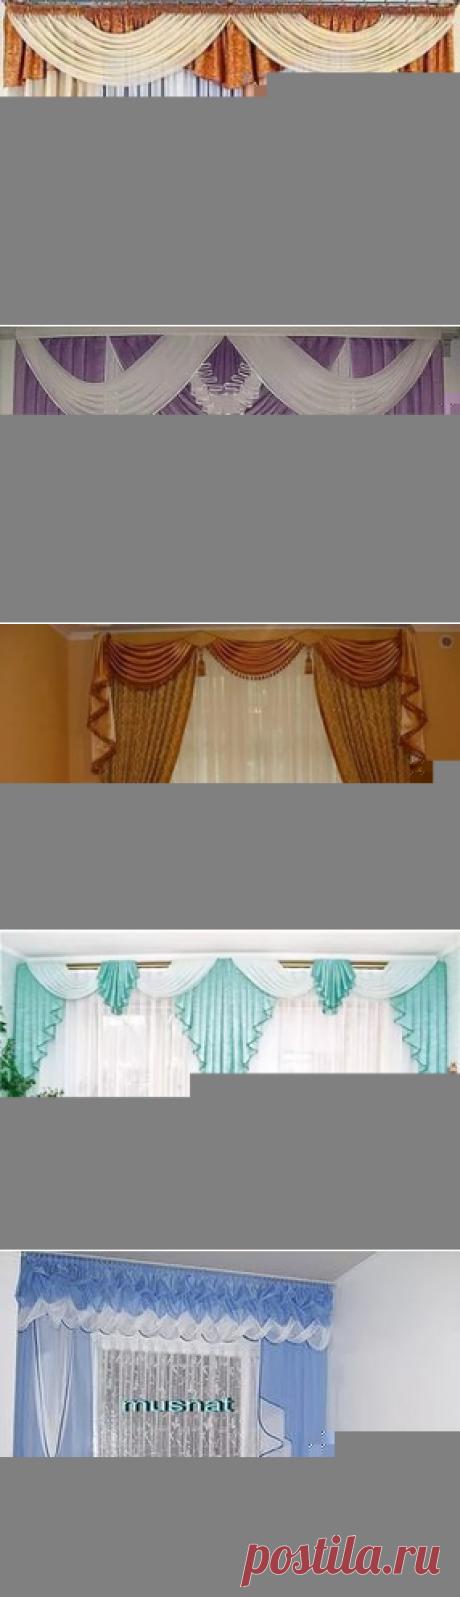 Шторы из портьерной ткани для зала с выкройками: 18 тыс изображений найдено в Яндекс.Картинках